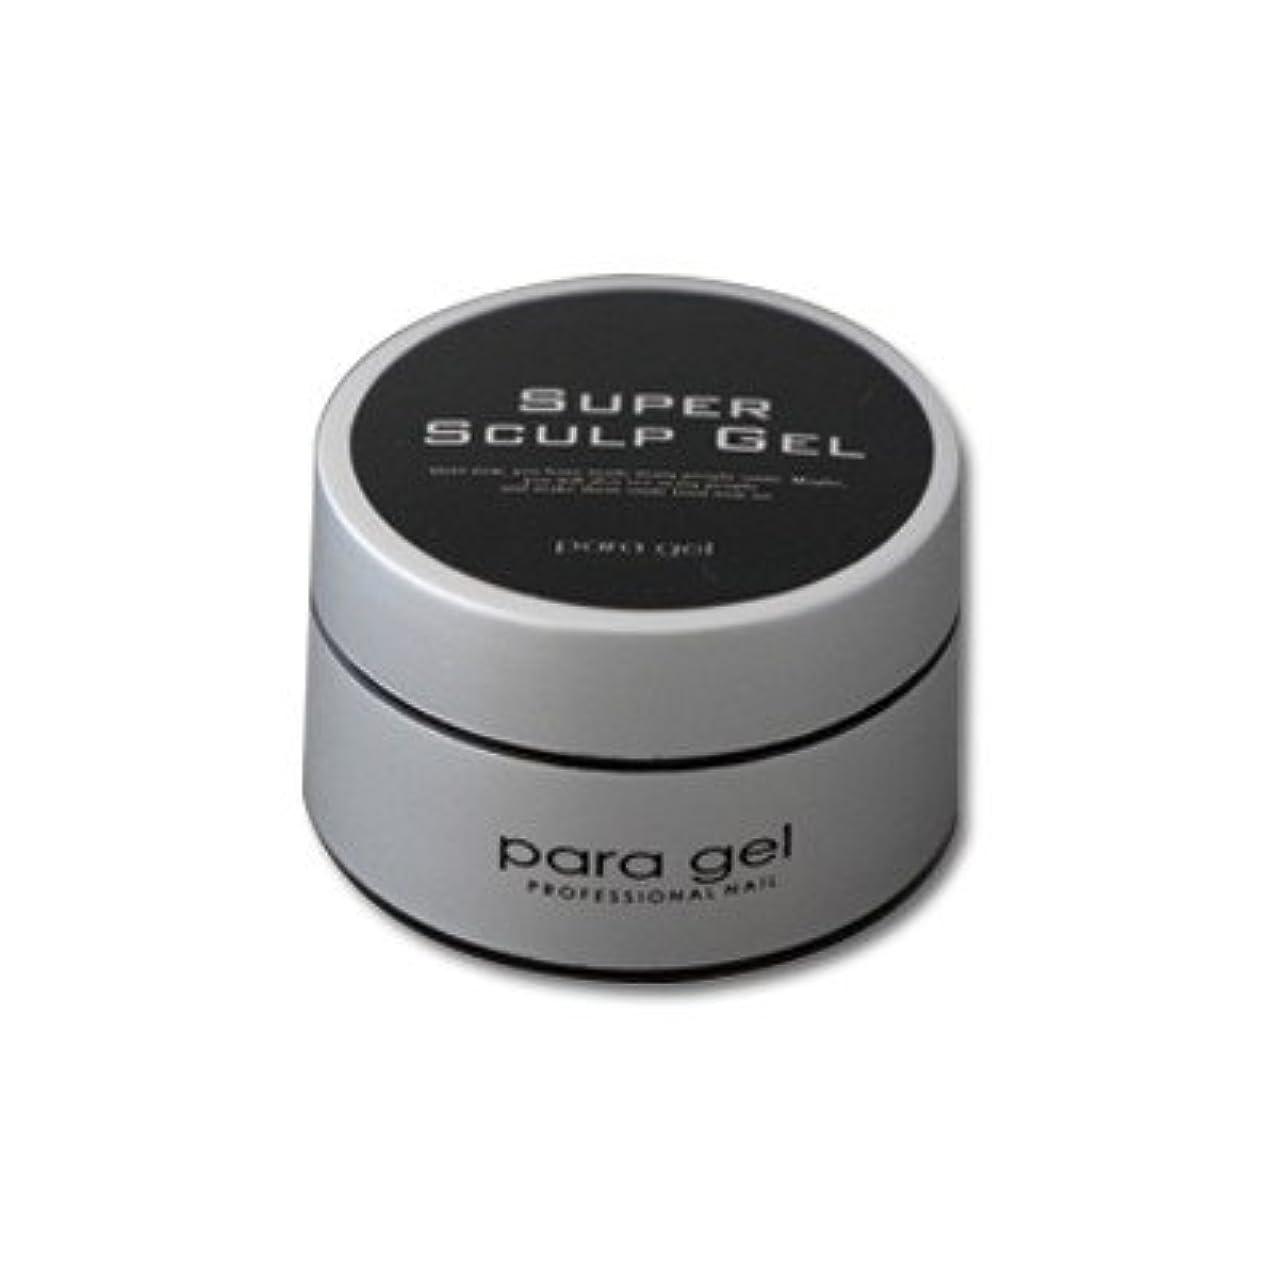 前提条件花瓶セーターpara gel(パラジェル) スーパースカルプジェル 10g